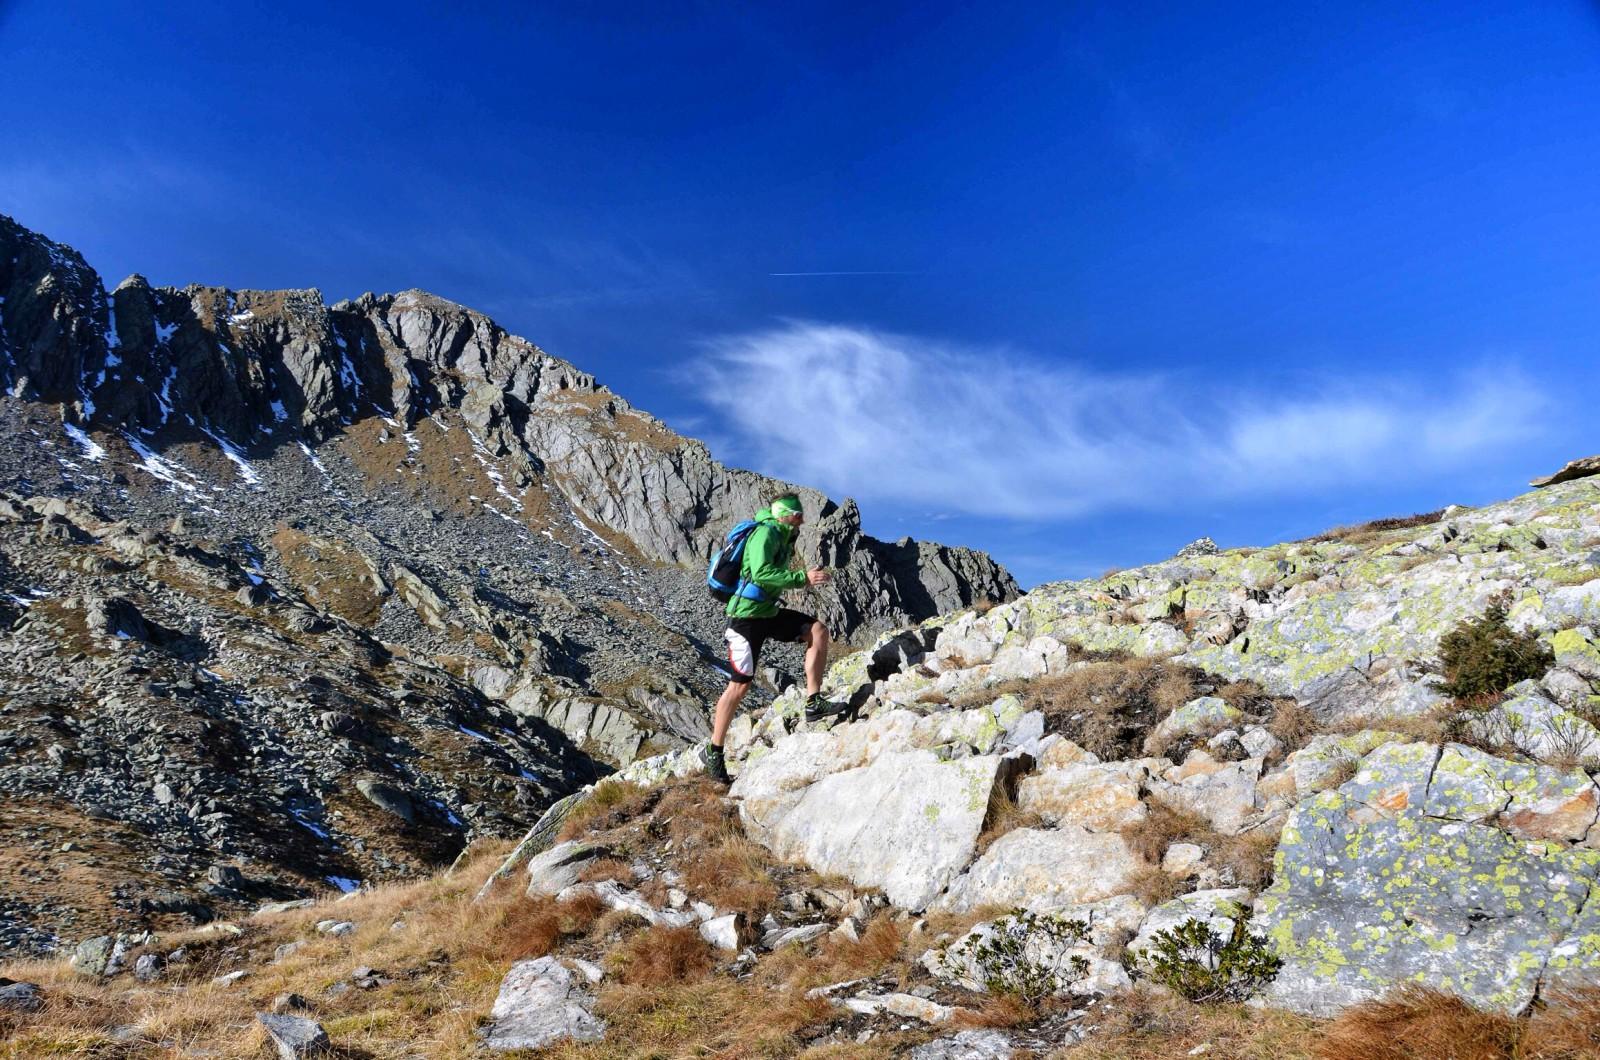 Im Pinzgau gibt es traumhafte Trailrunning-Strecken und knackige noch dazu. Wer sich Höhenmeter mit fantastischem Berg-Panorama erlaufen will, der ist hier richtig. Hans-Peter Kreidl ist nicht nur Skitourenspezialist aus Neukirchen am Großvenediger, sondern auch begeisterter Trailrunner. Von ihm stammen die Pinzgauer Strecken-Tipps.